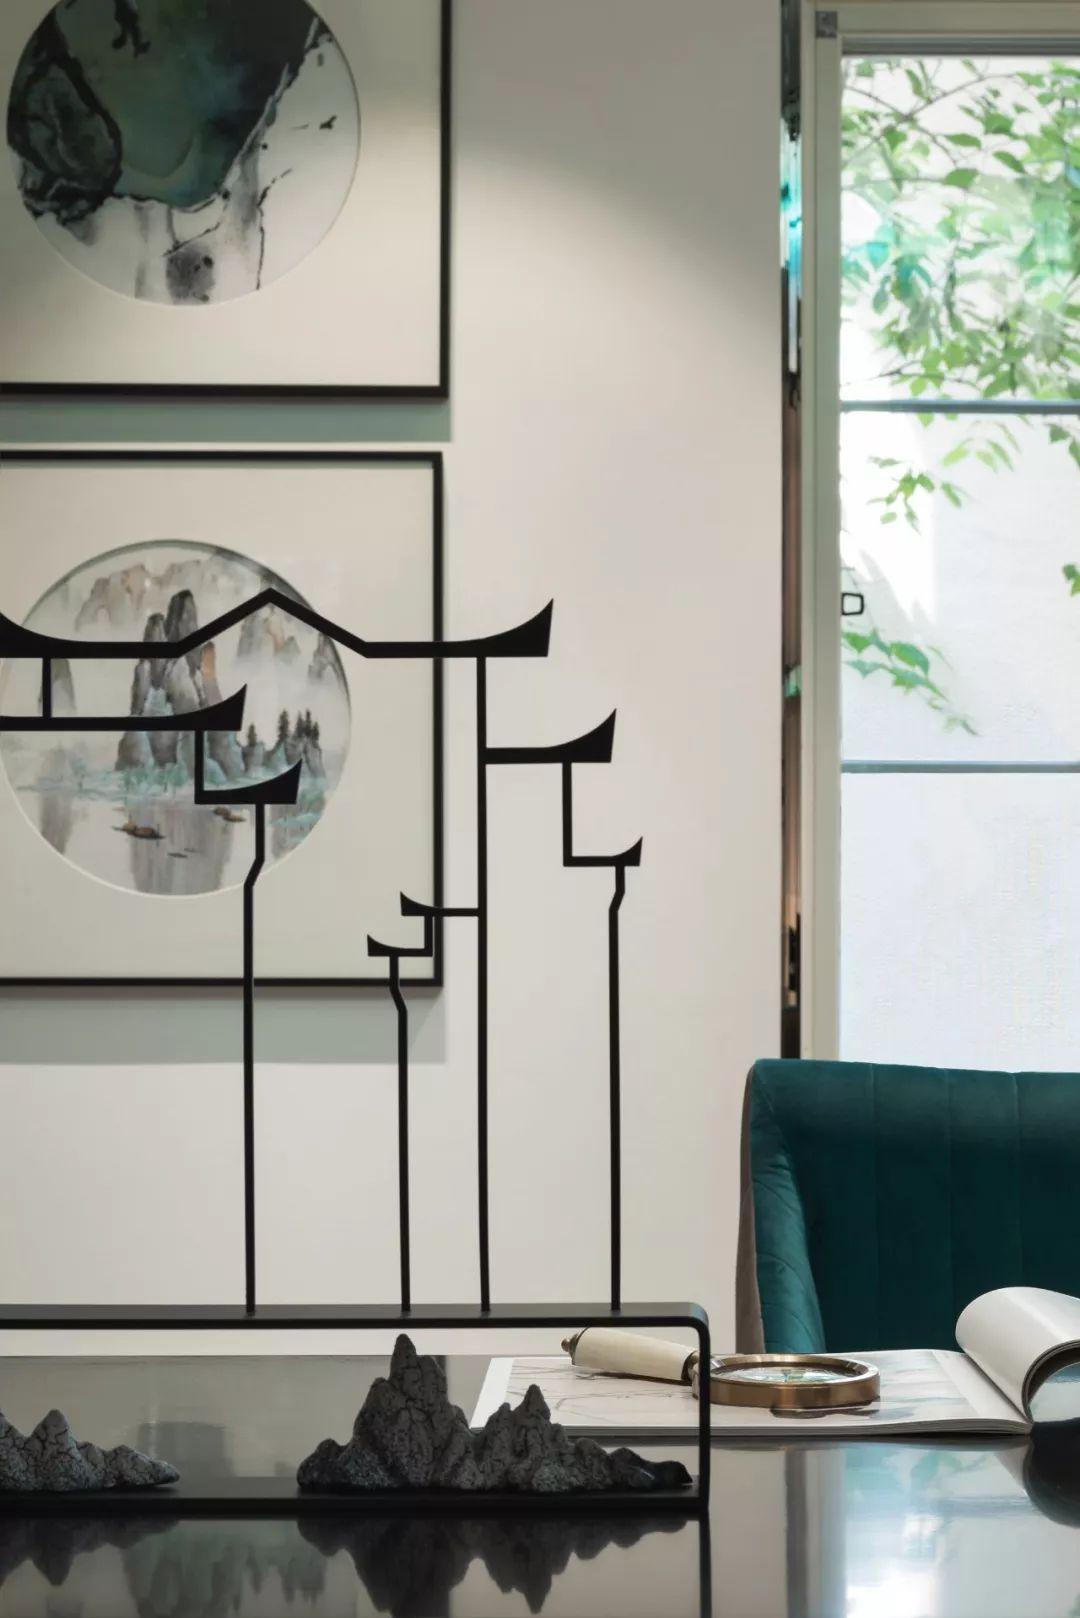 休息区延续主空间的设计风尚,简约时尚中带着静雅的气质.